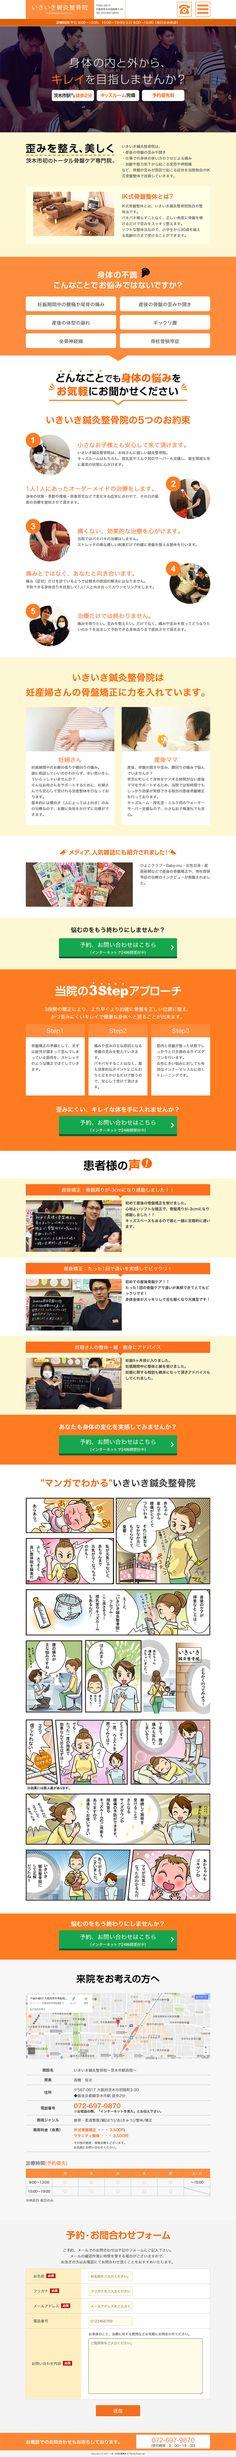 いきいき鍼灸整骨院|WEBデザイナーさん必見!ランディングページのデザイン参考に(マンガ使用系)